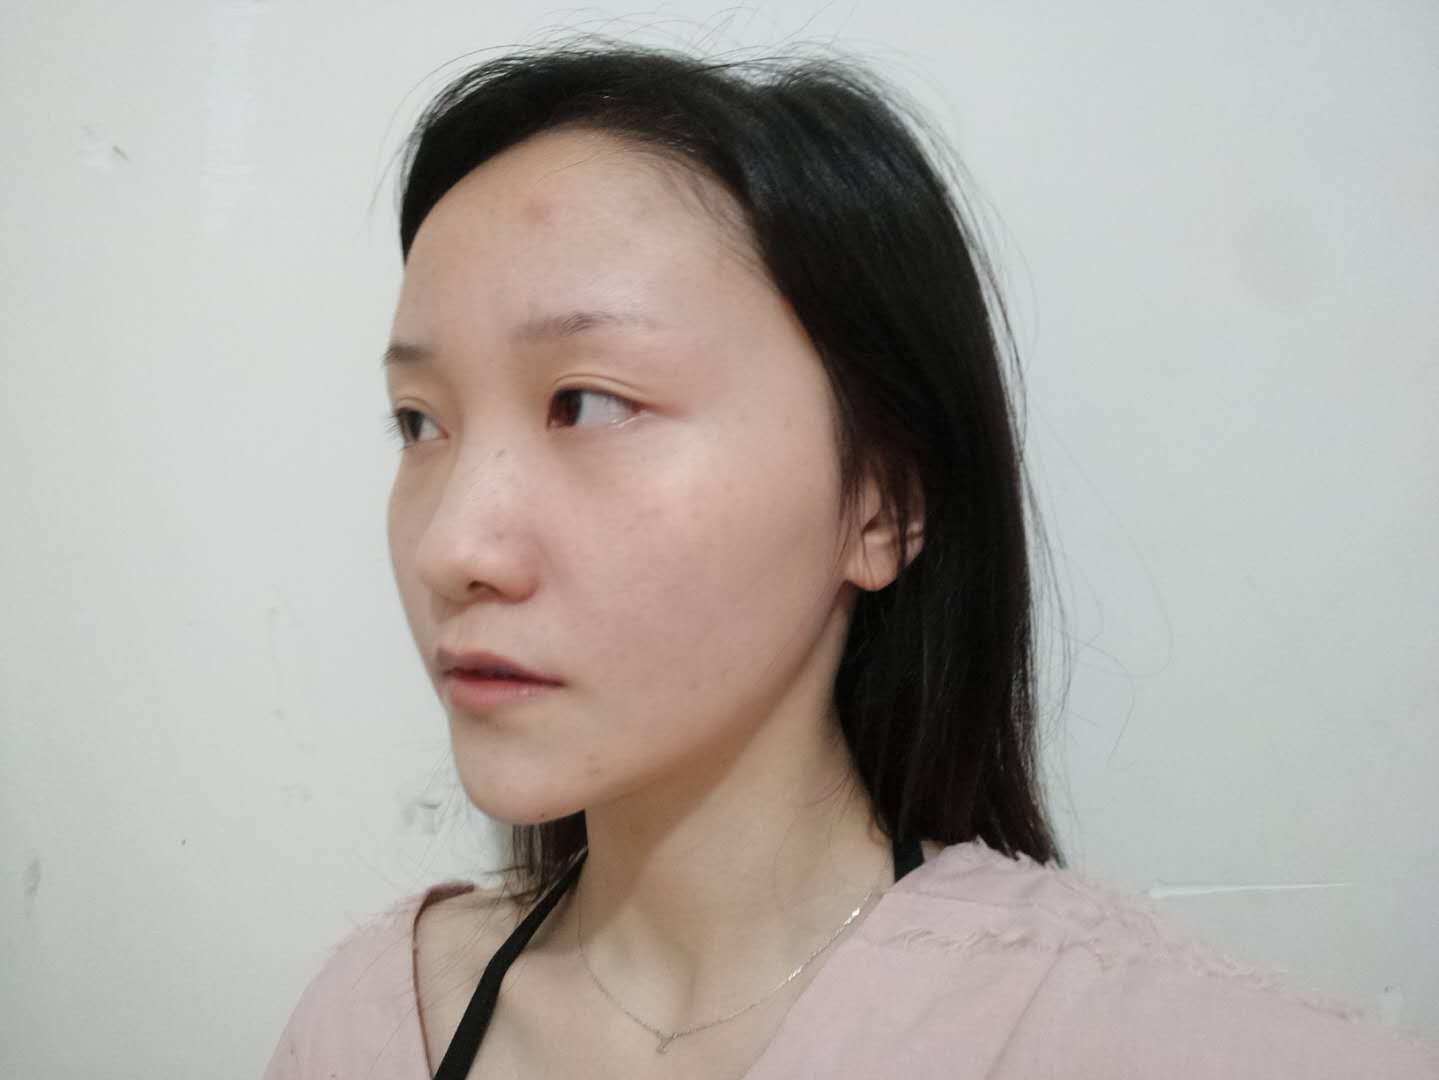 福州第八医院植发中心种植发际线的经历 美美的秀发真开心